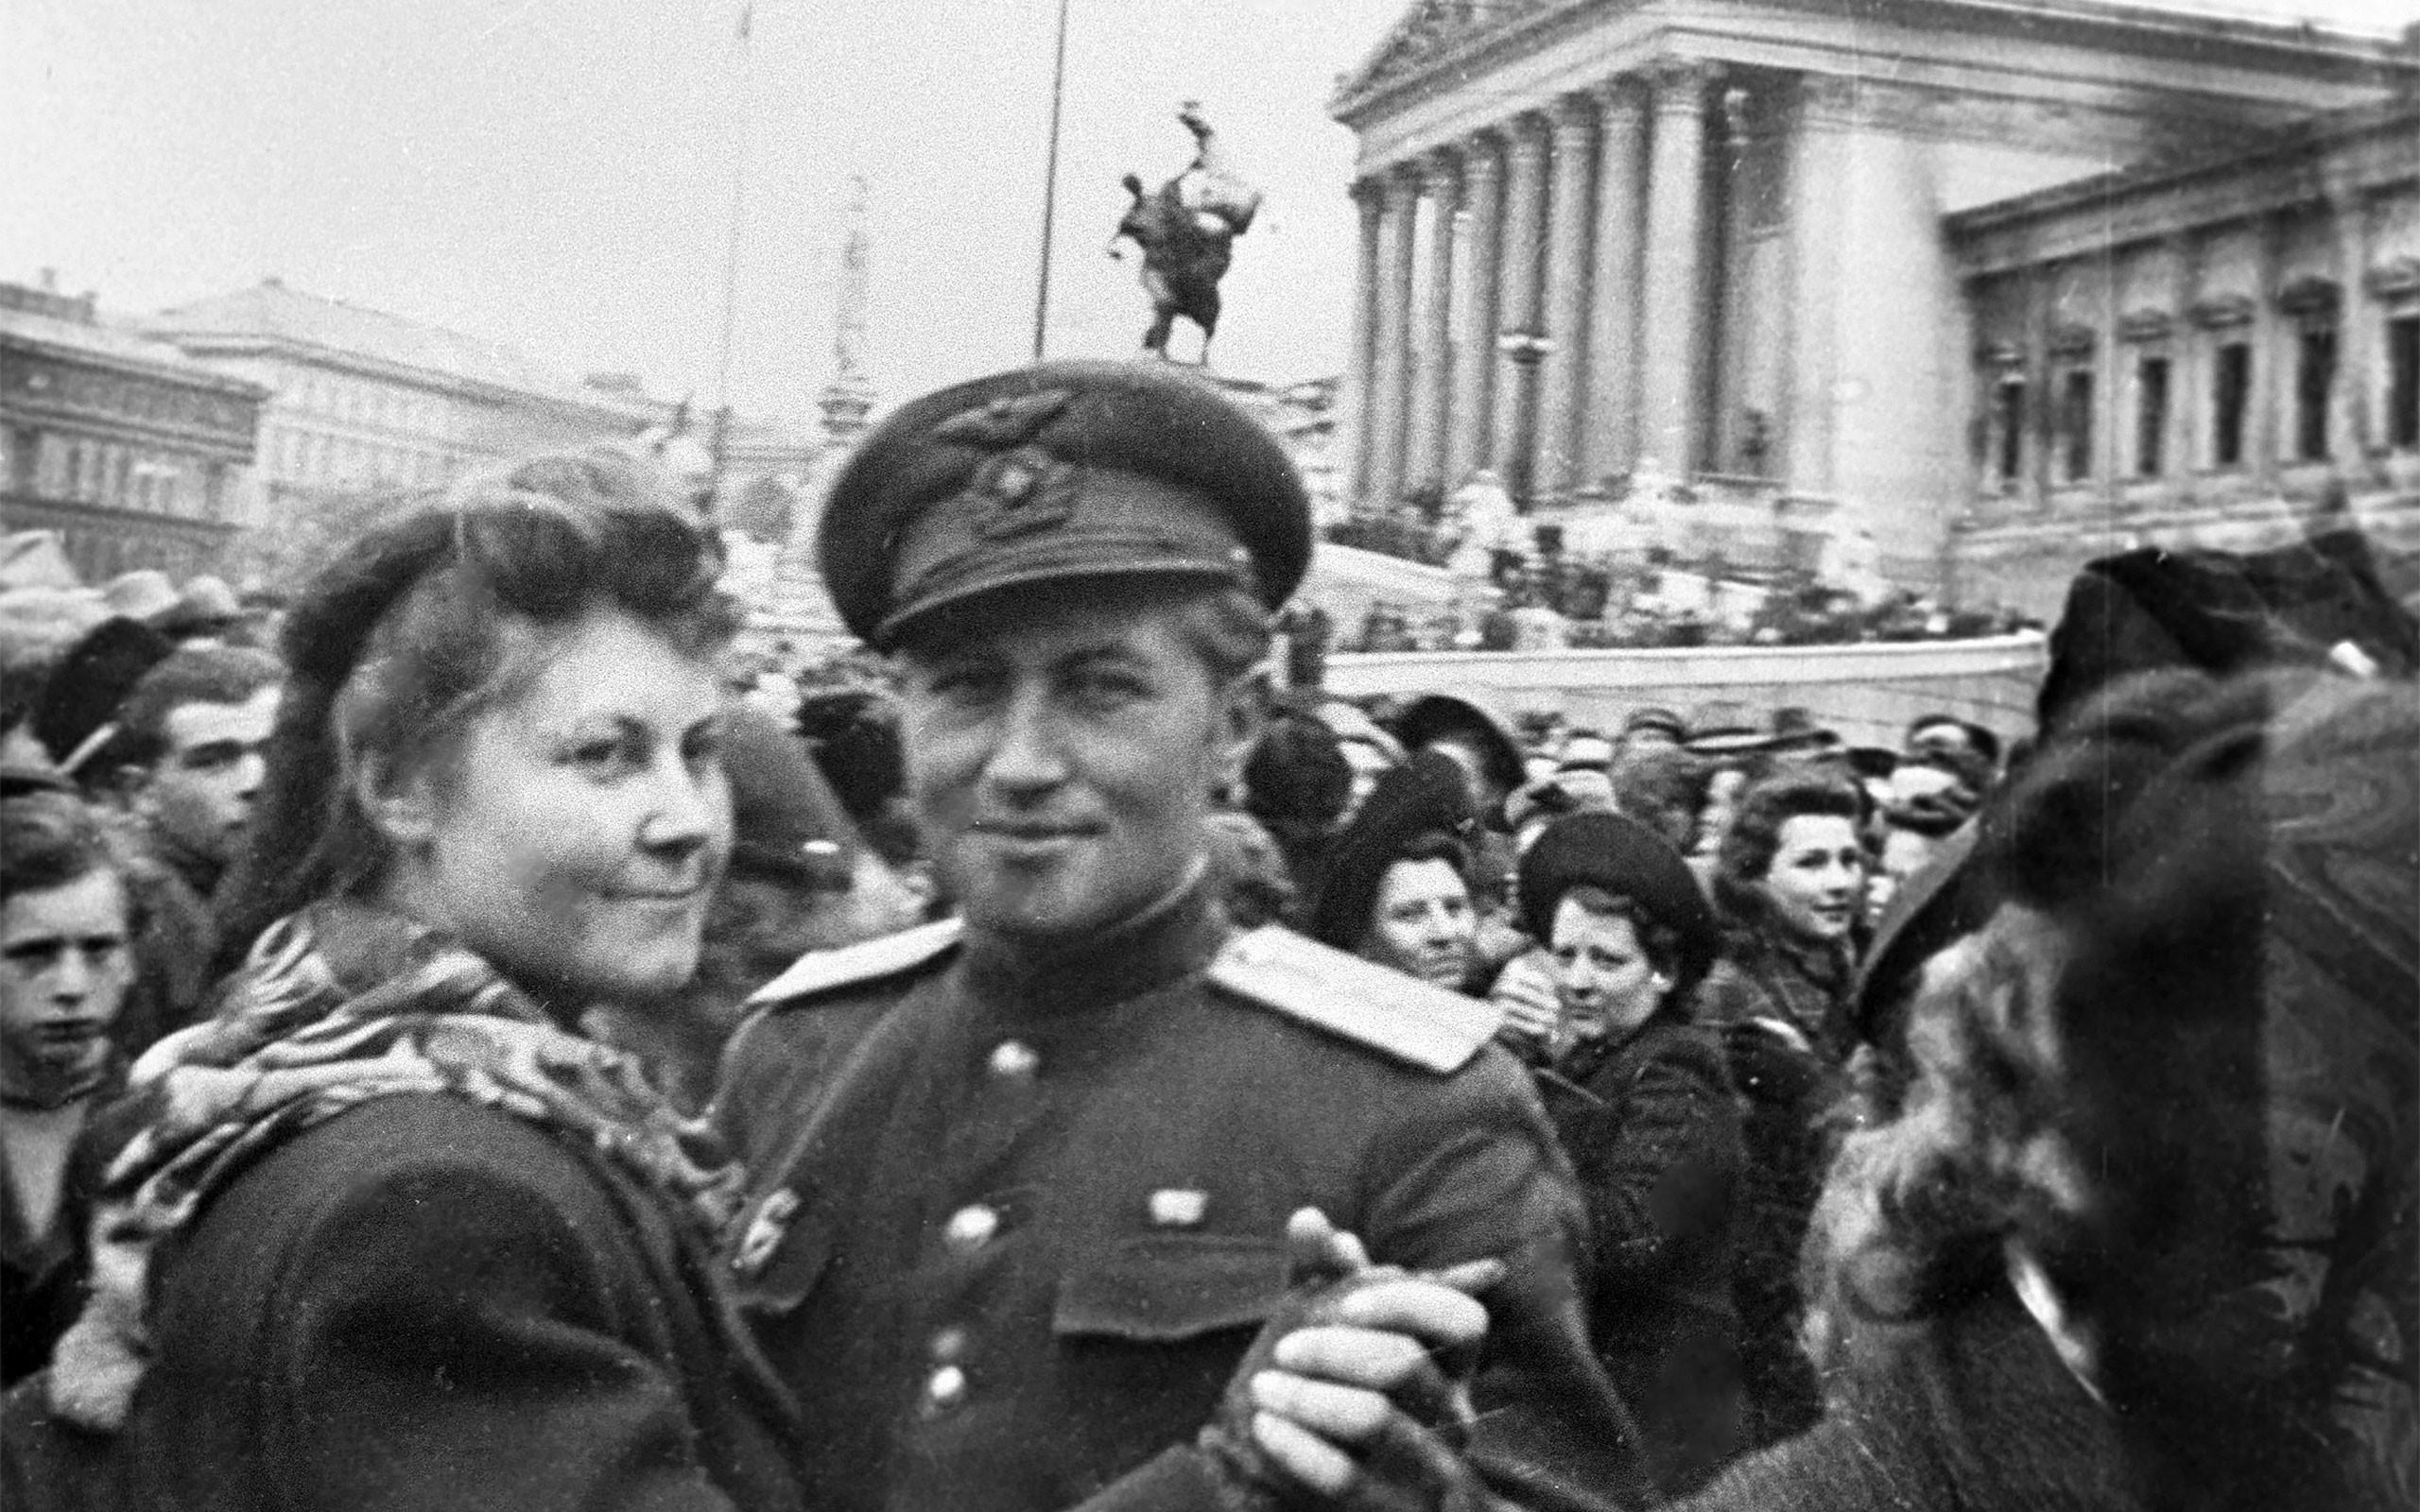 <p>Австрийская девушка и советский офицер танцуют на улицах Вены после освобождения. Фото: &copy; РИА Новости/Анатолий Григорьев</p>